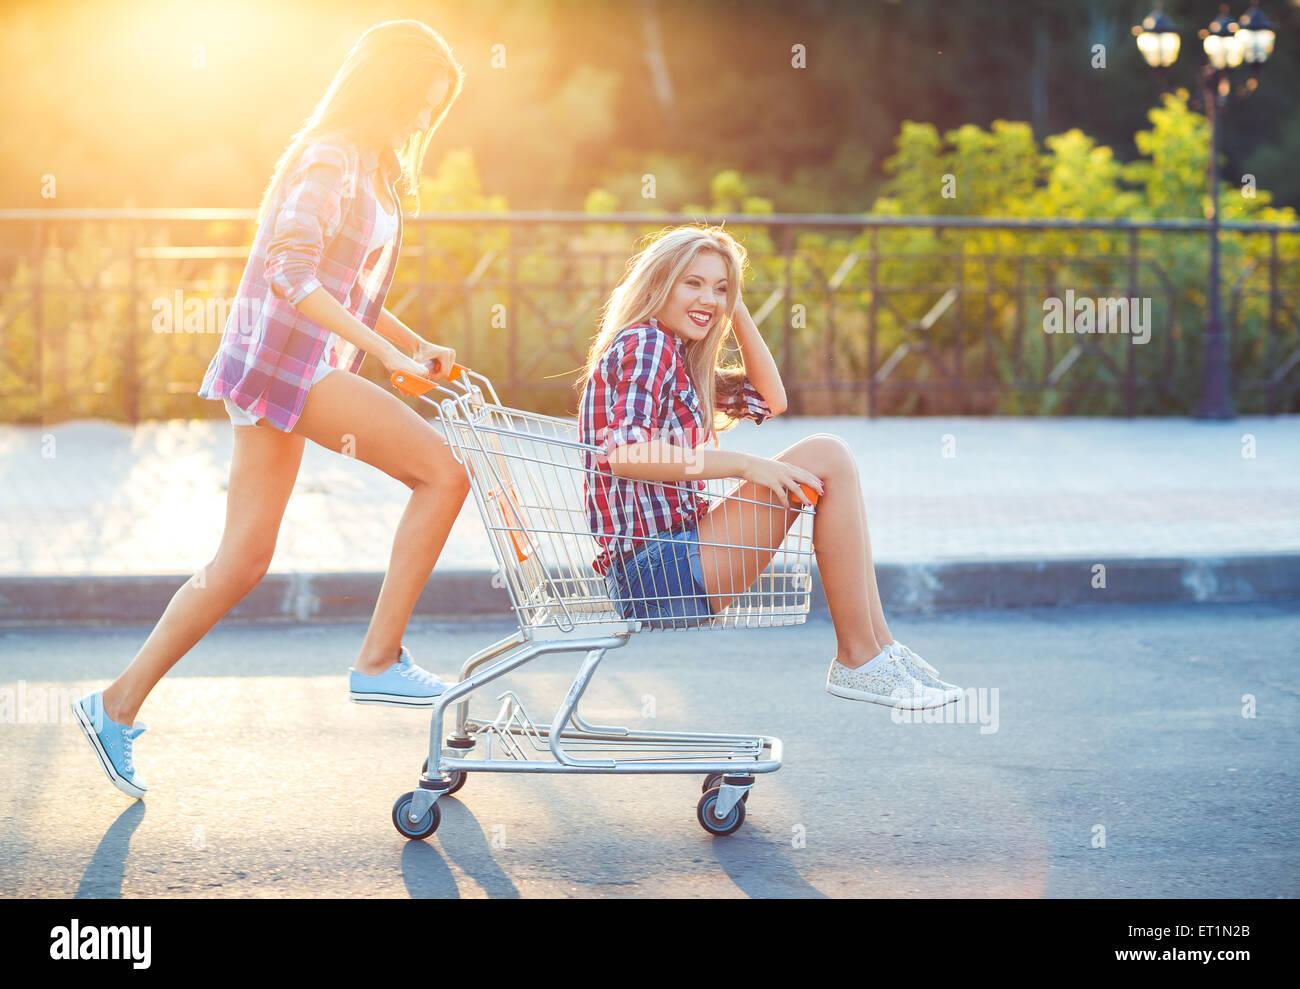 Zwei glückliche schöne Teenie Mädchen fahren Einkaufen Warenkorb im Freien, Lifestyle-Konzept Stockbild